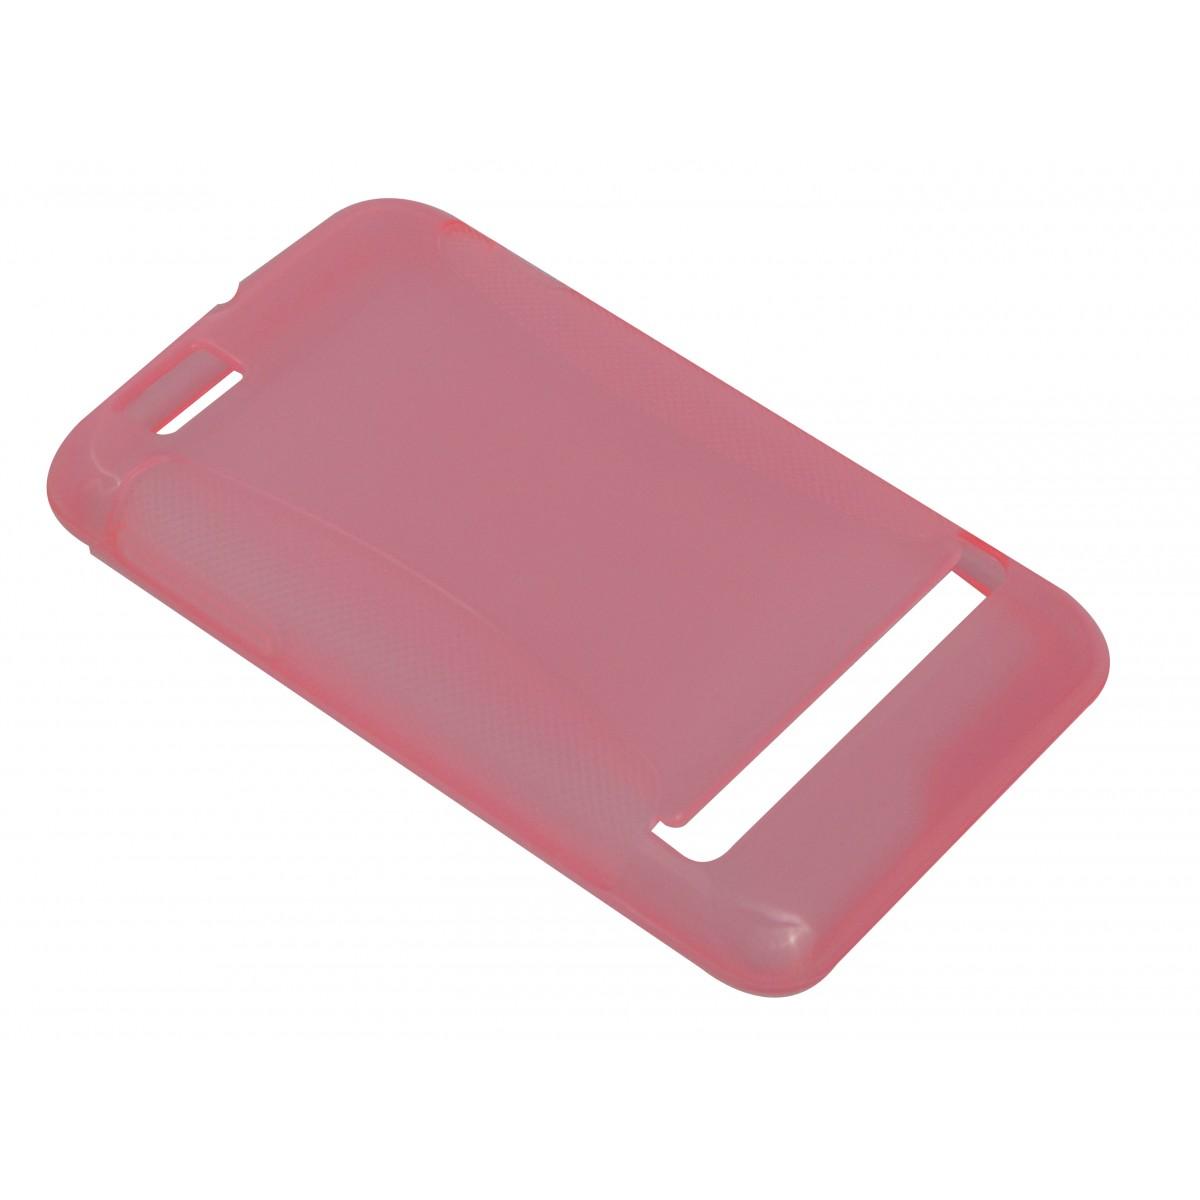 Capa de Tpu para Motorola Motosmart XT390 Dual Chip + Película Rosa